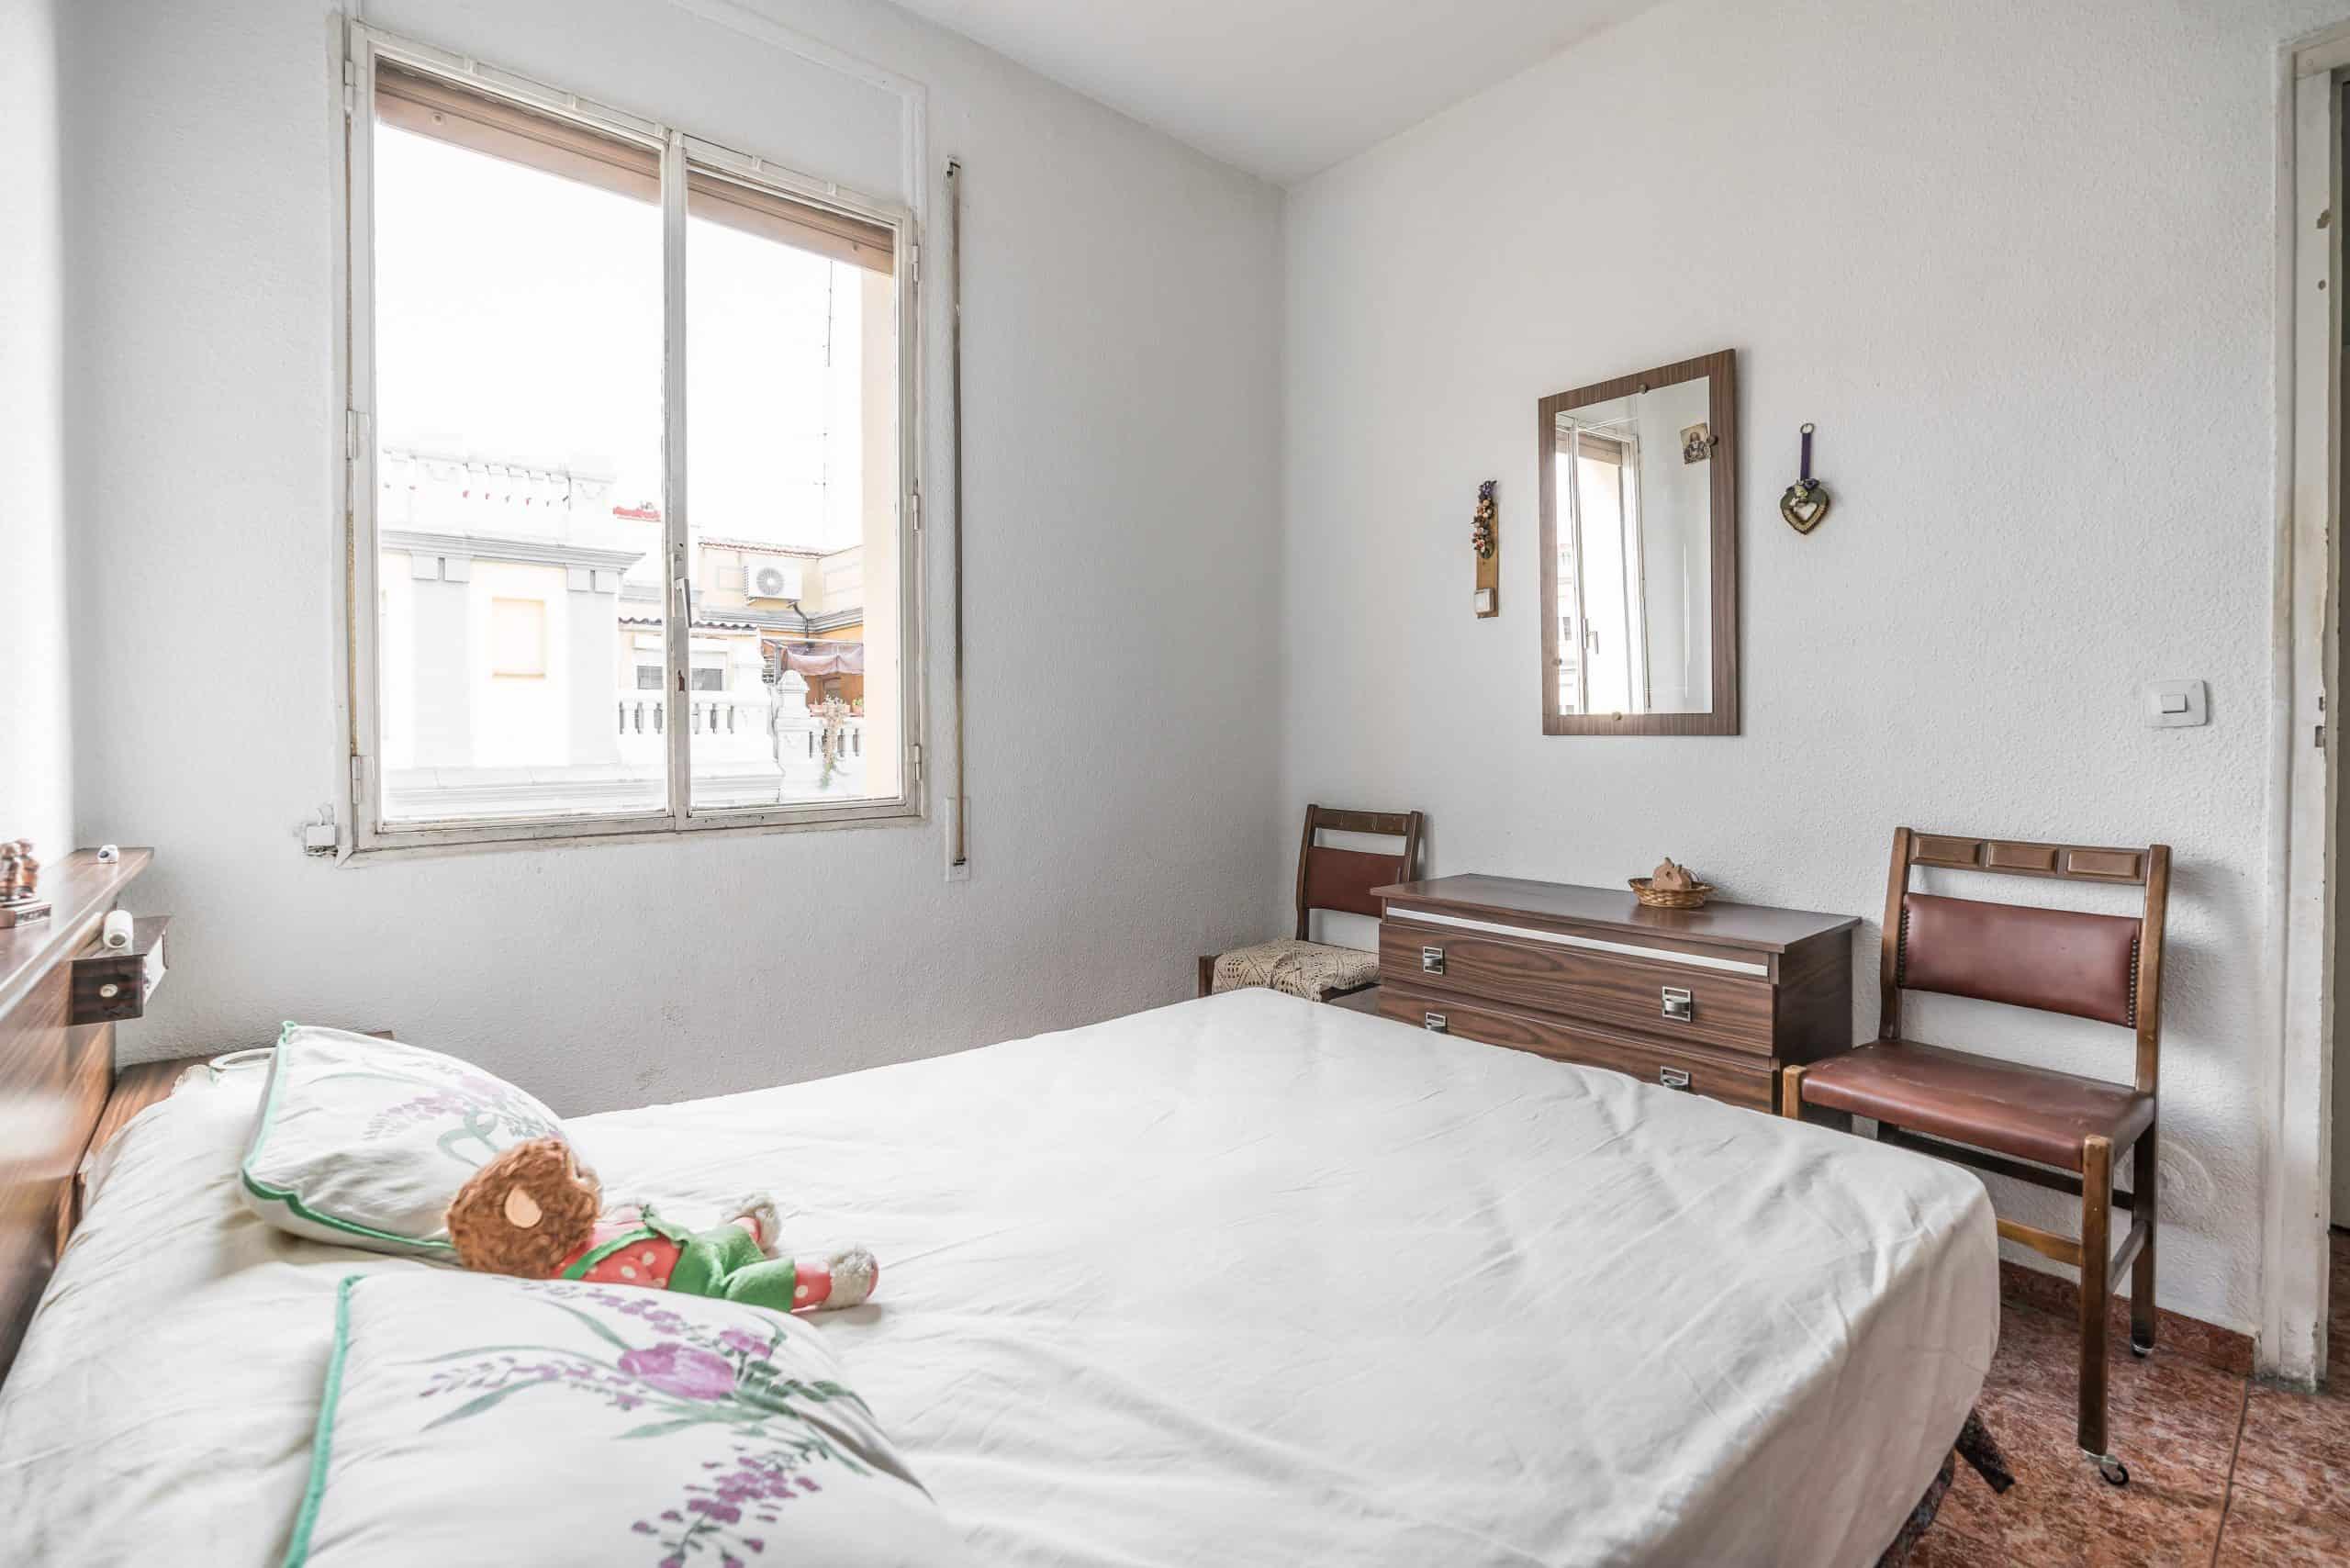 Agencia Inmobiliaria de Madrid-FUTUROCASA-Zona ARGANZUELA-EMBAJADORES-LEGAZPI -calle DOMINGO PEREZ DEL VAL -2 DORMITORIO1 (4)